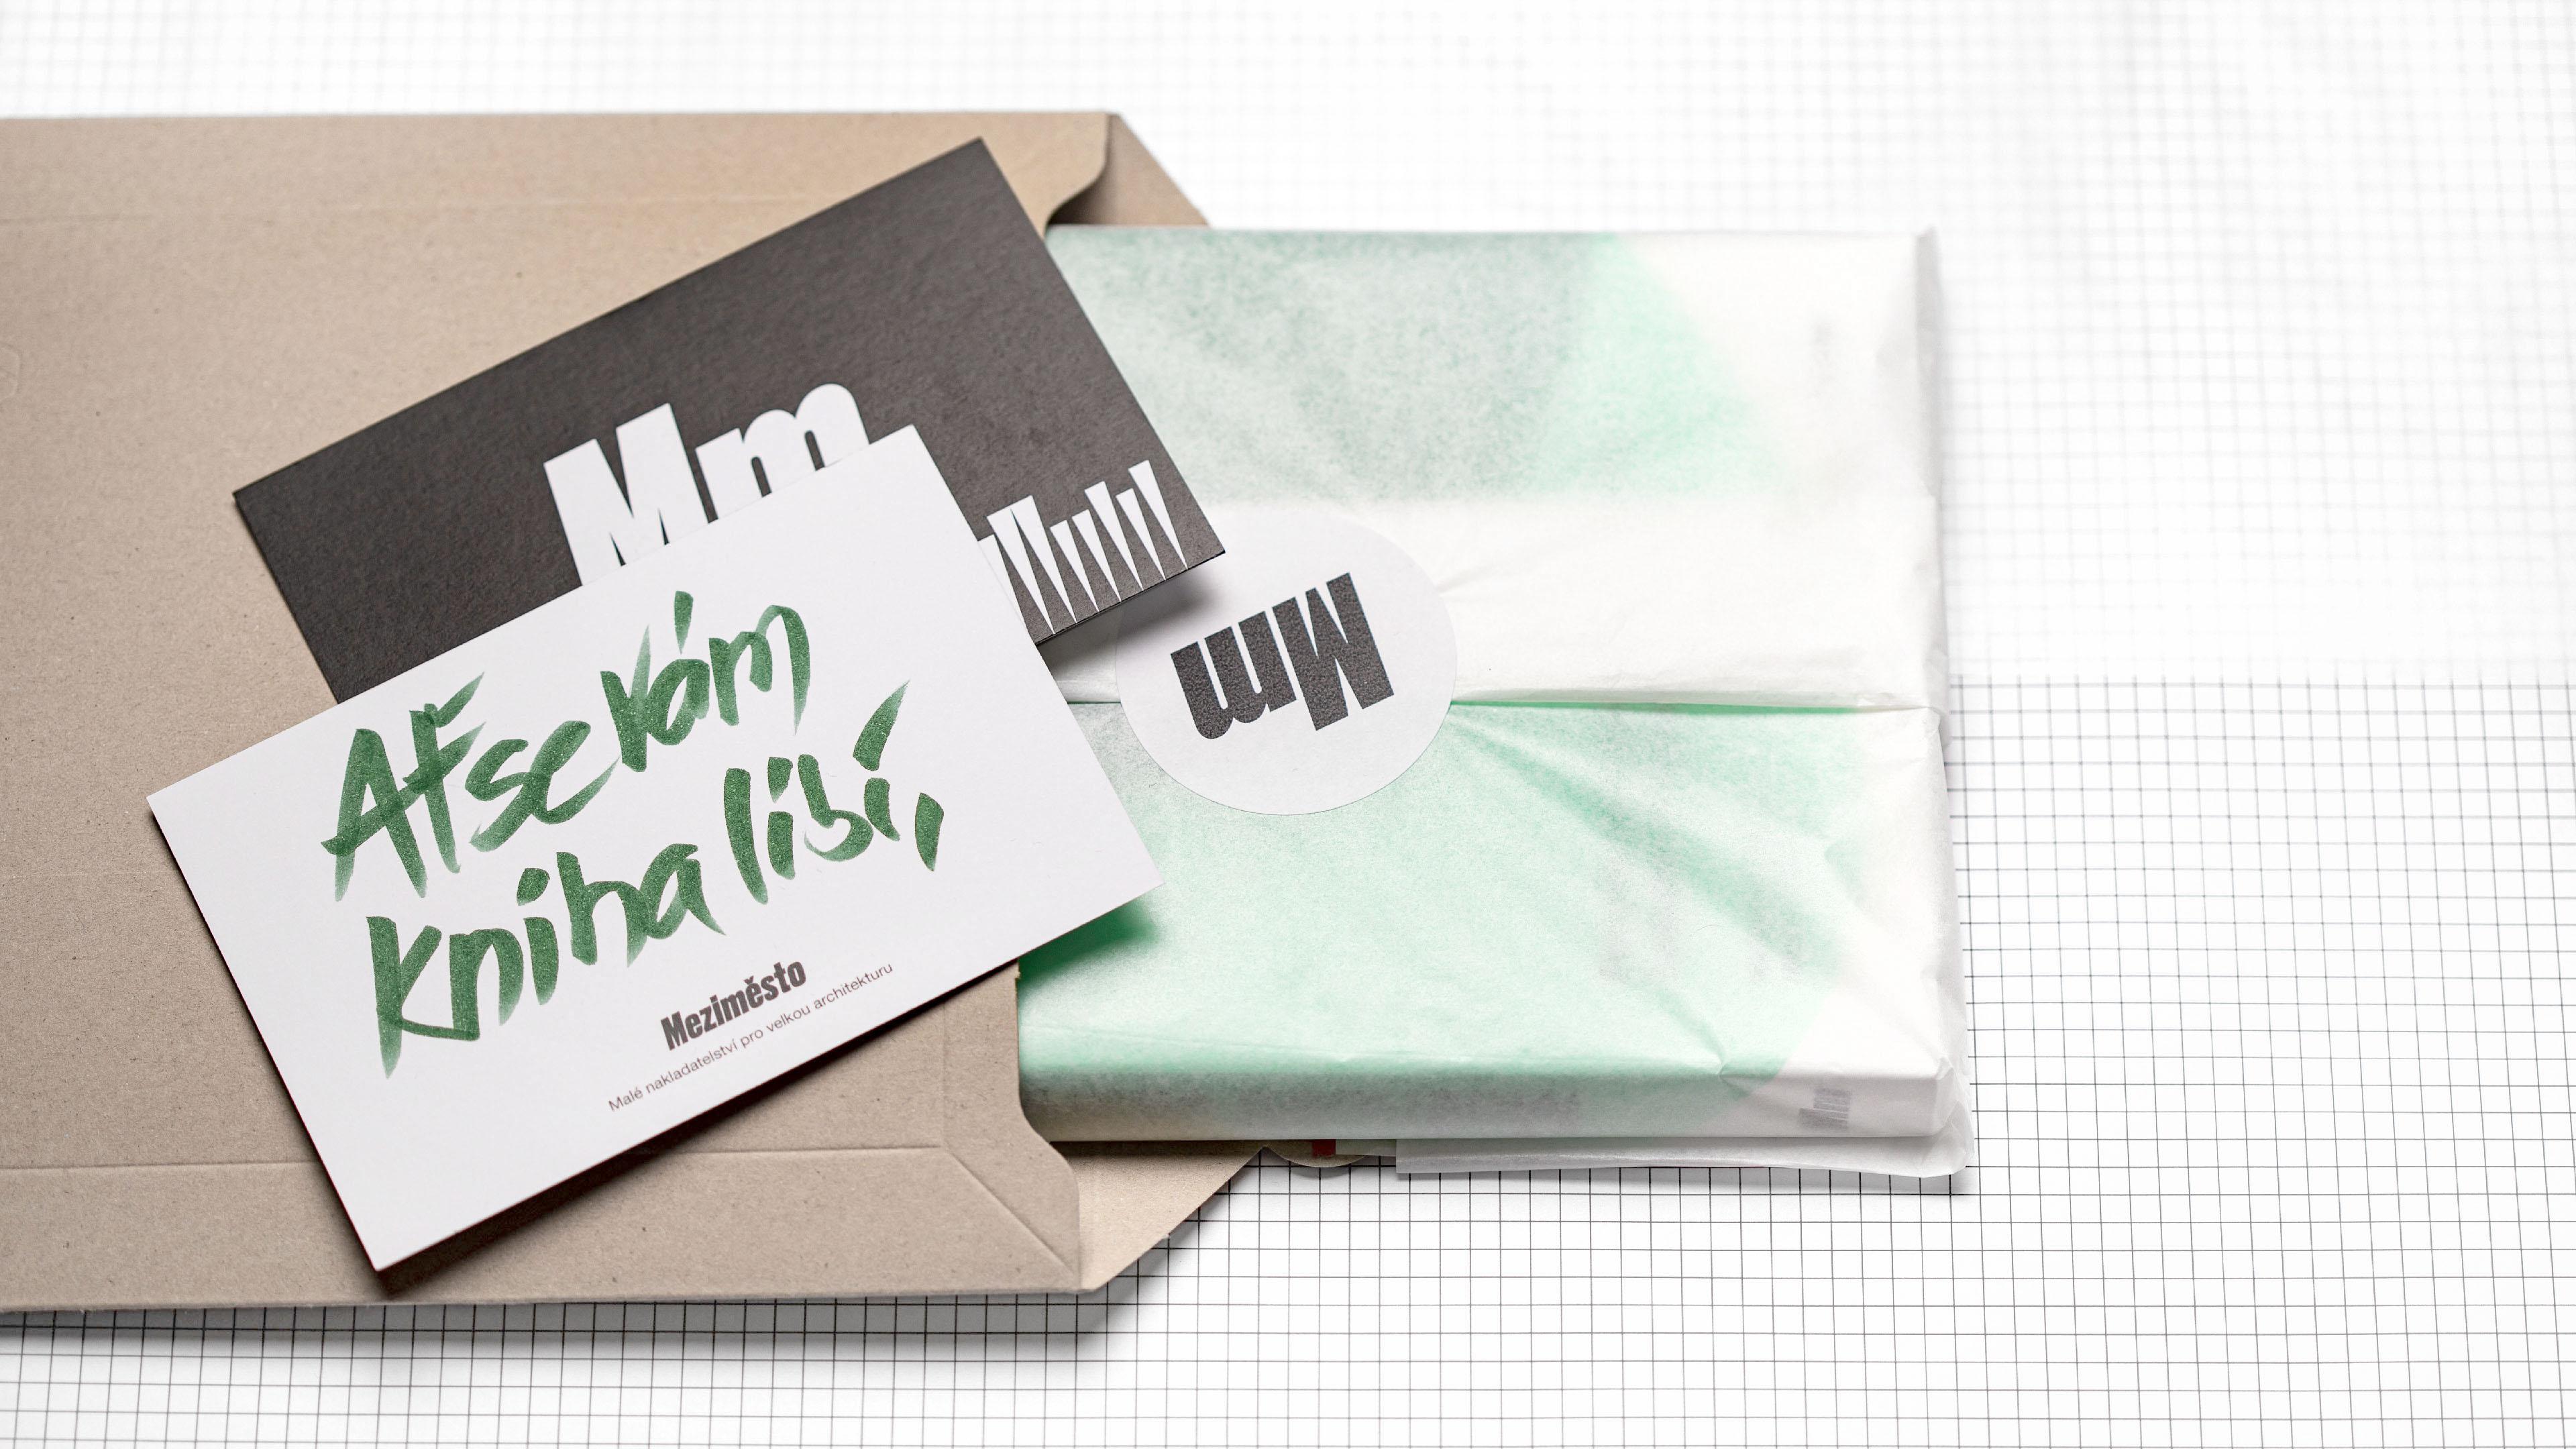 Nakladatelství Meziměsto – kniha z našeho eshopu zabalená v hedvábném papíře a s poděkováním